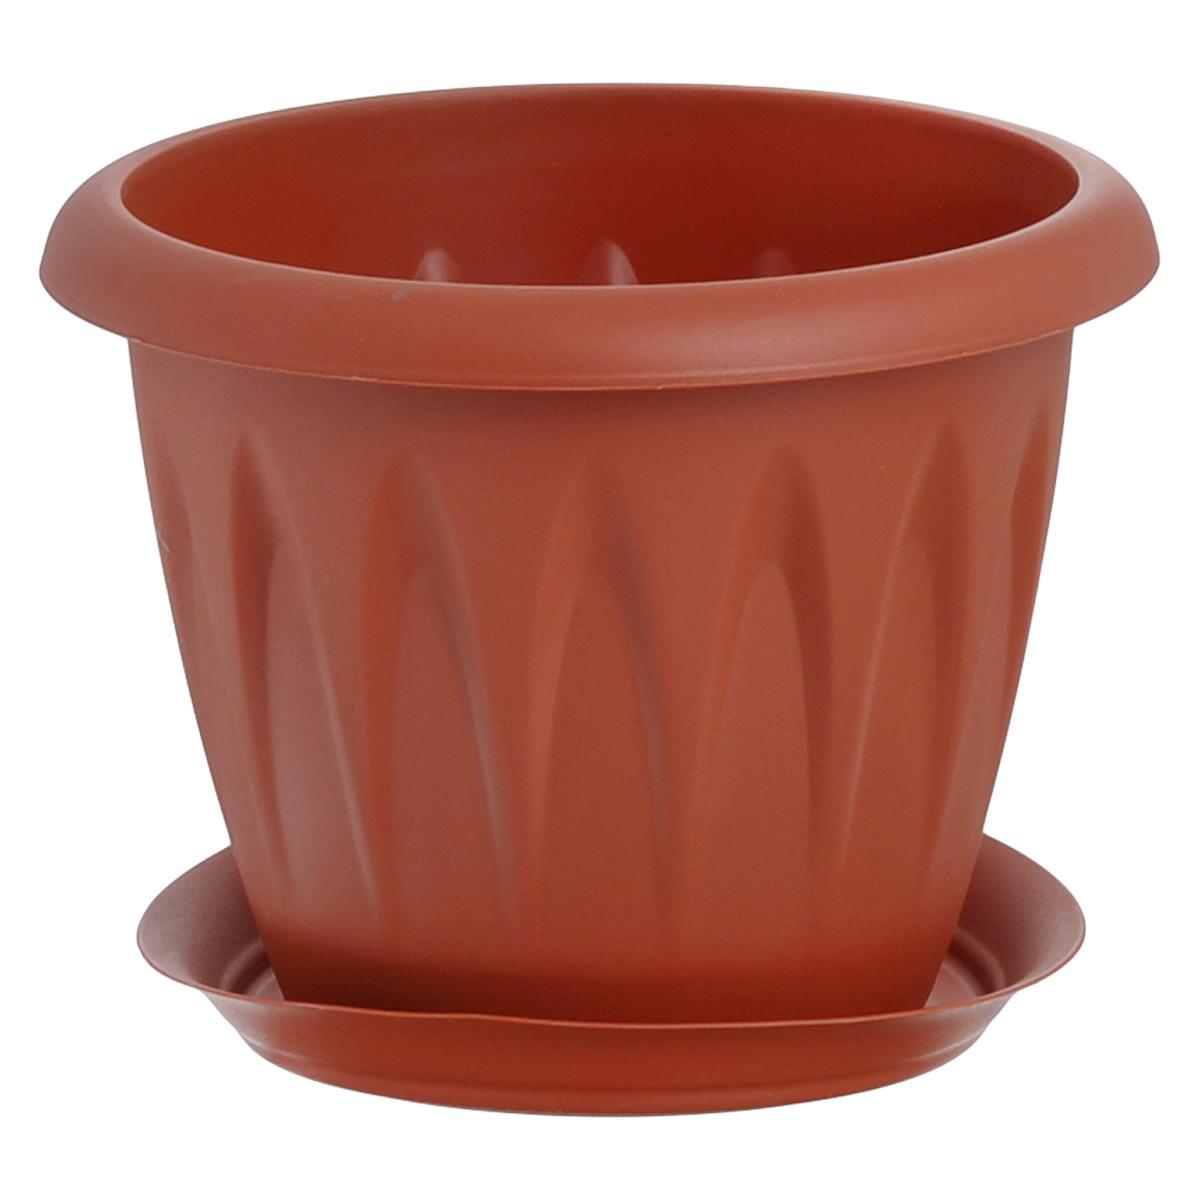 """Кашпо Idea """"Алиция"""" изготовлено из прочного полипропилена (пластика) и предназначено для выращивания растений, цветов и трав в домашних условиях. Круглый поддон обеспечивает сток воды. Такое кашпо порадует вас функциональностью, а благодаря лаконичному дизайну впишется в любой интерьер помещения. Диаметр кашпо по верхнему краю: 16 см. Объем кашпо: 1,4 л."""